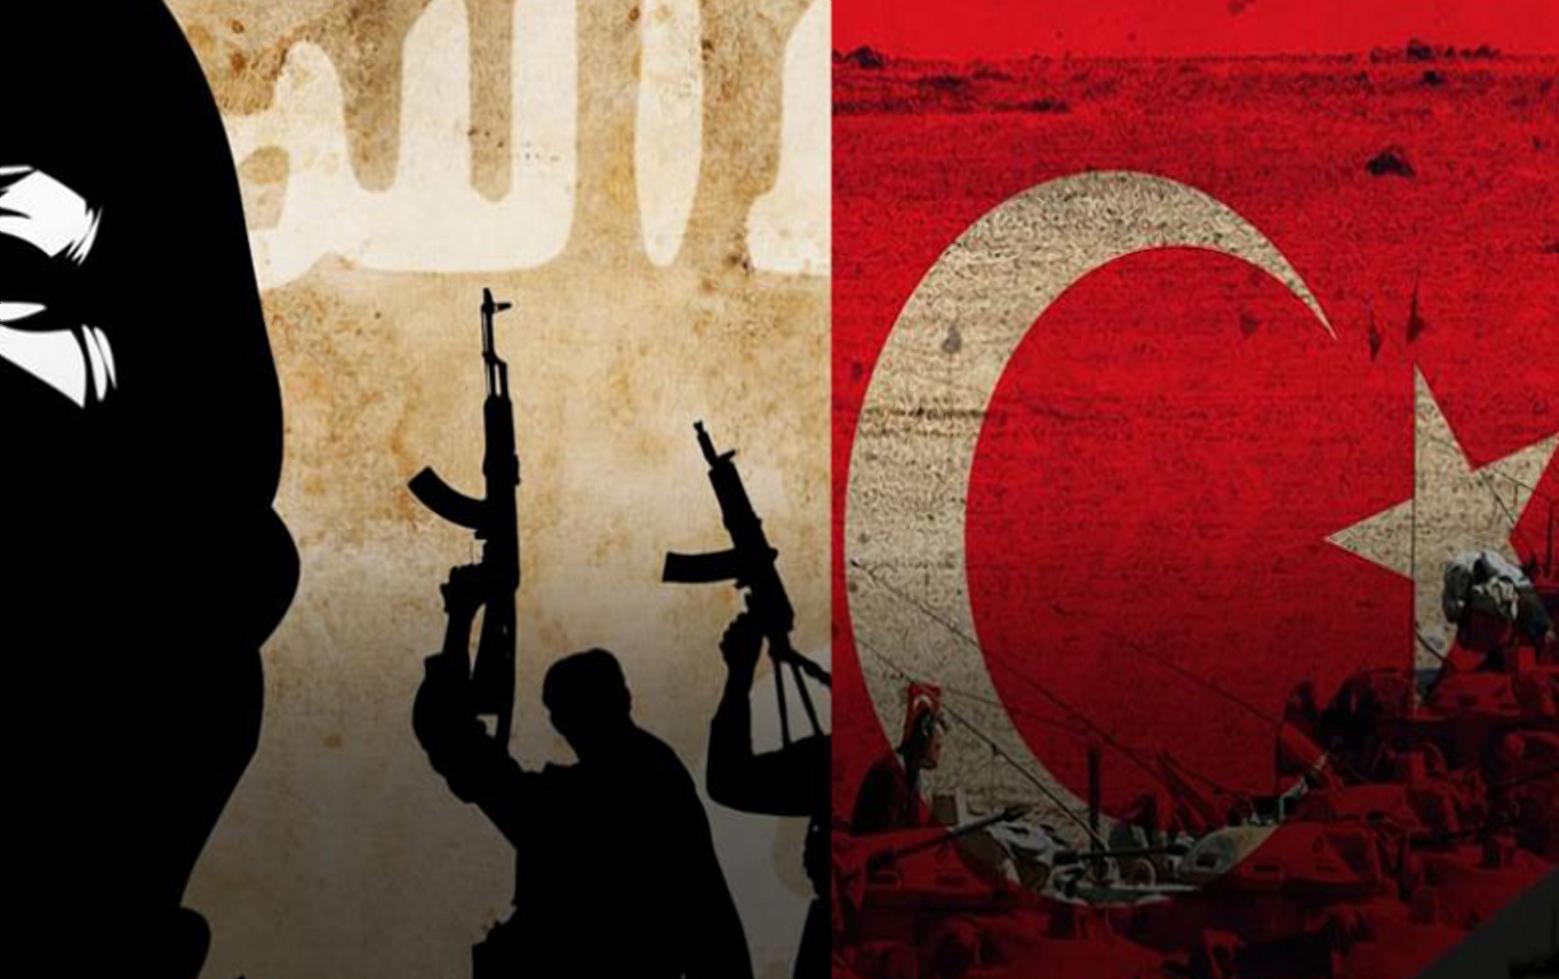 مكافحة الإرهاب ـ هكذا اختار داعش عناصره وإرسلهم للخارج